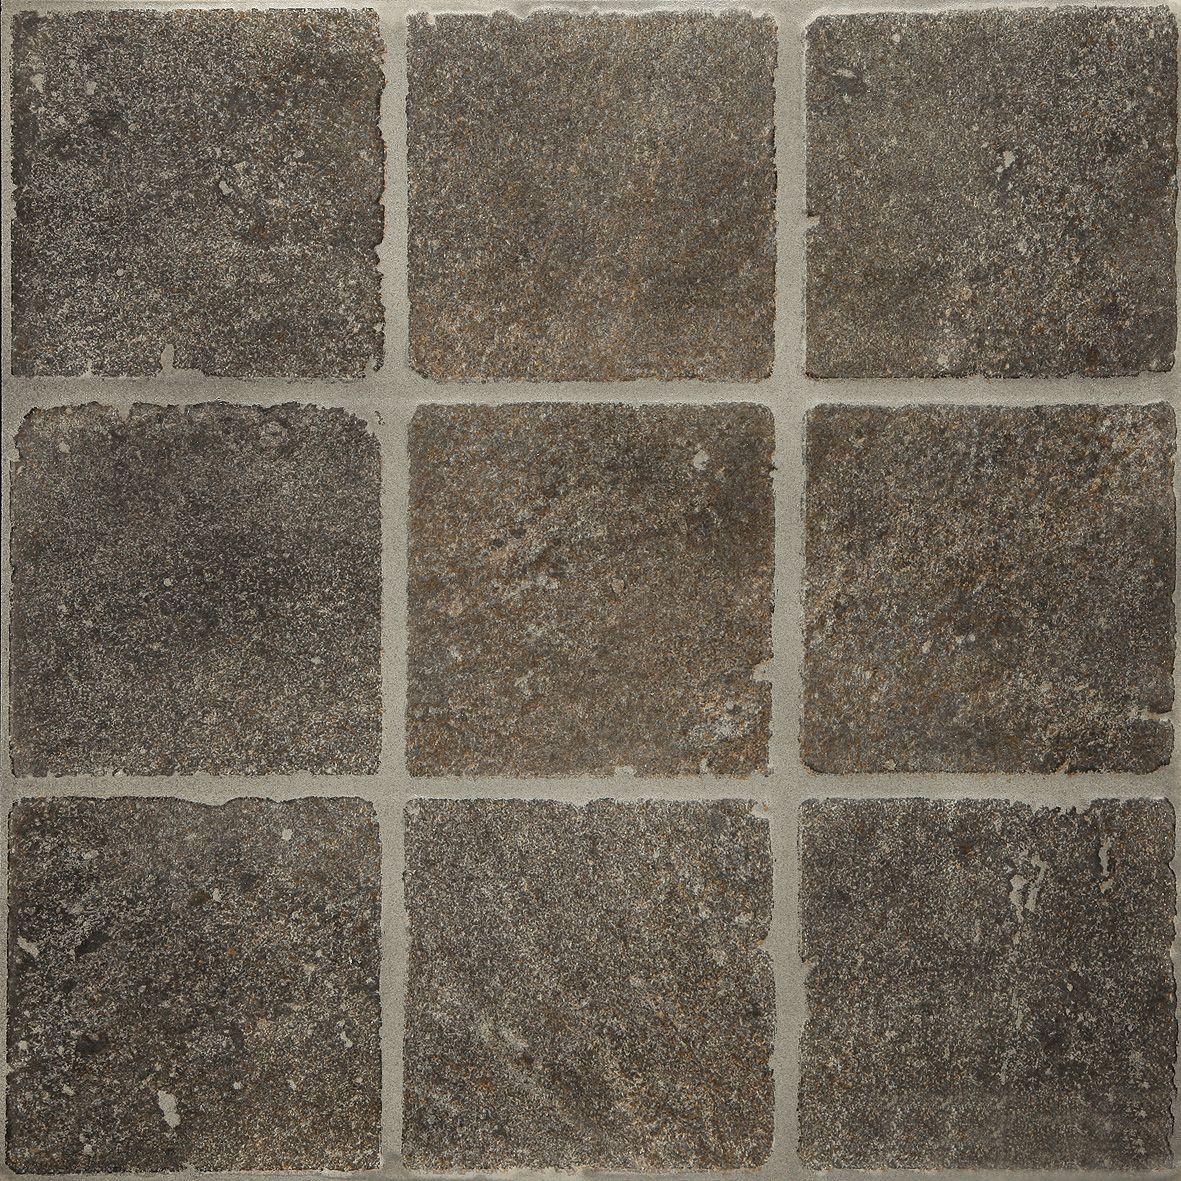 Piso bano piedra 45x45 casa interiores pisos for Baldosas para pisos exteriores